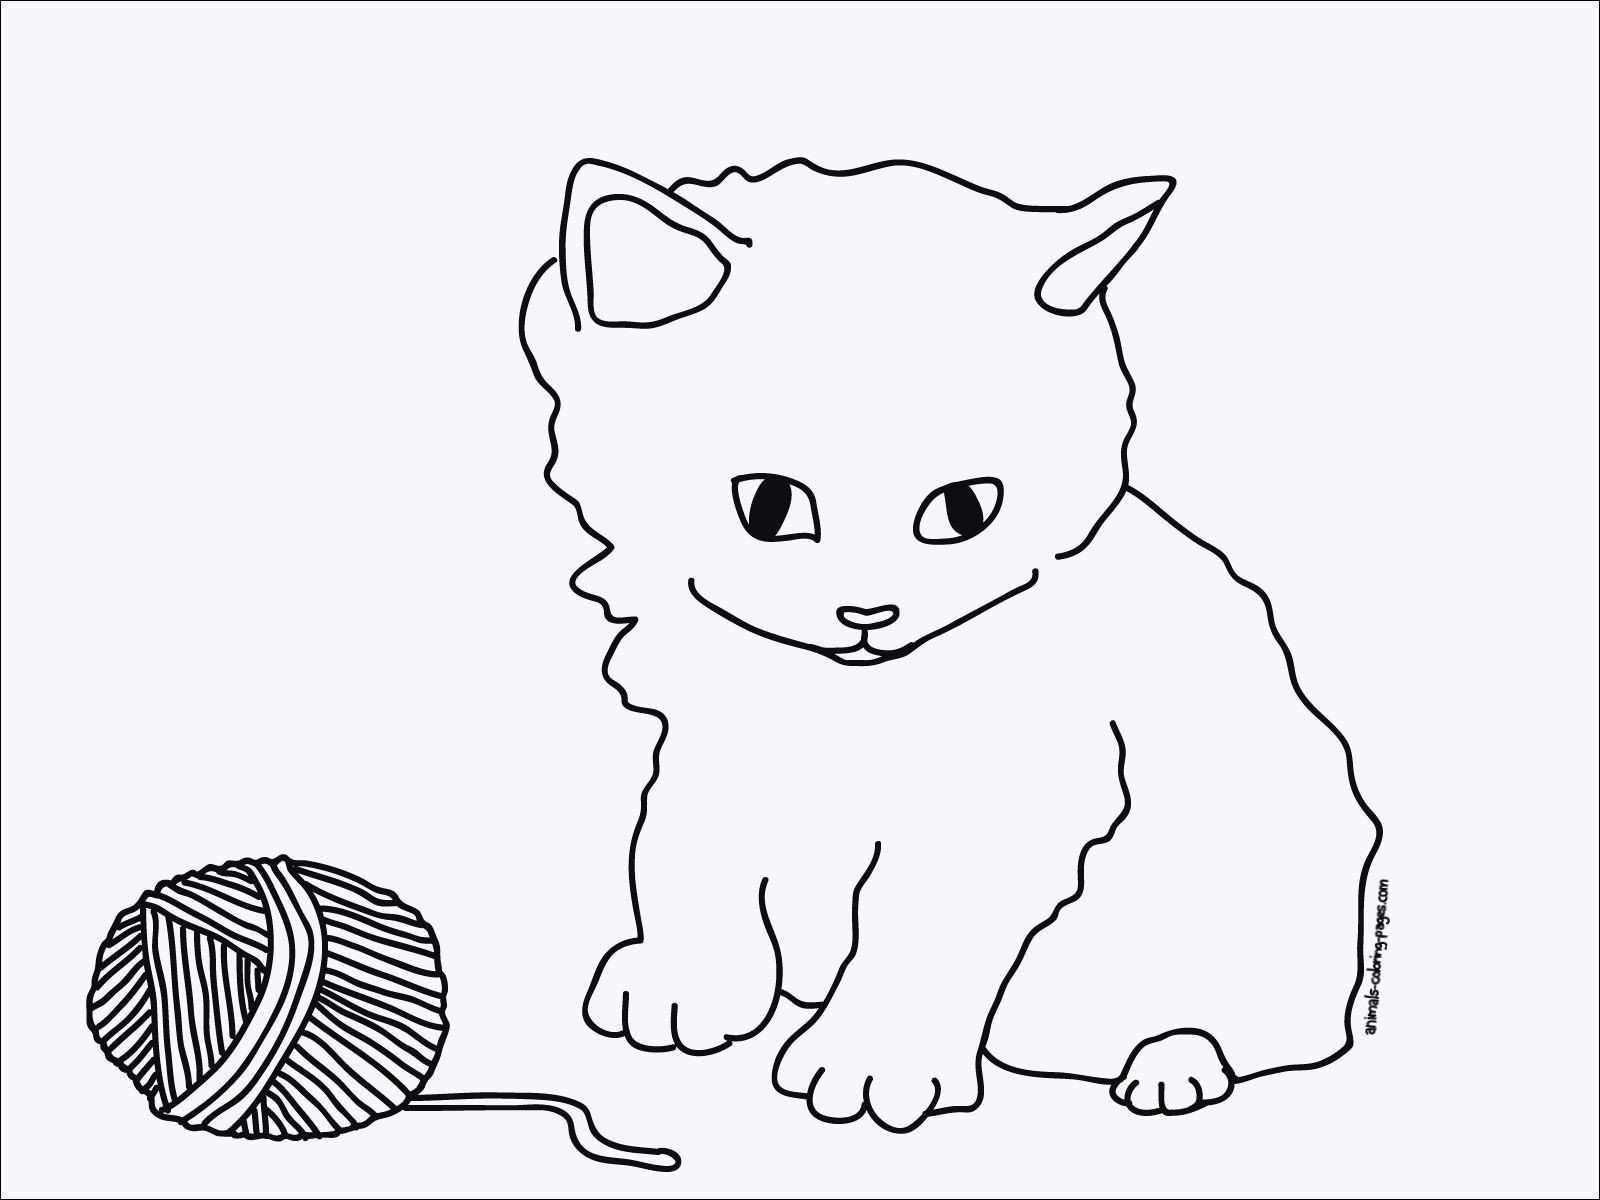 Katzen Bilder Zum Ausmalen Das Beste Von Hundebild Zum Ausmalen Foto Ausmalbilder Kostenlos Katzen Fotografieren